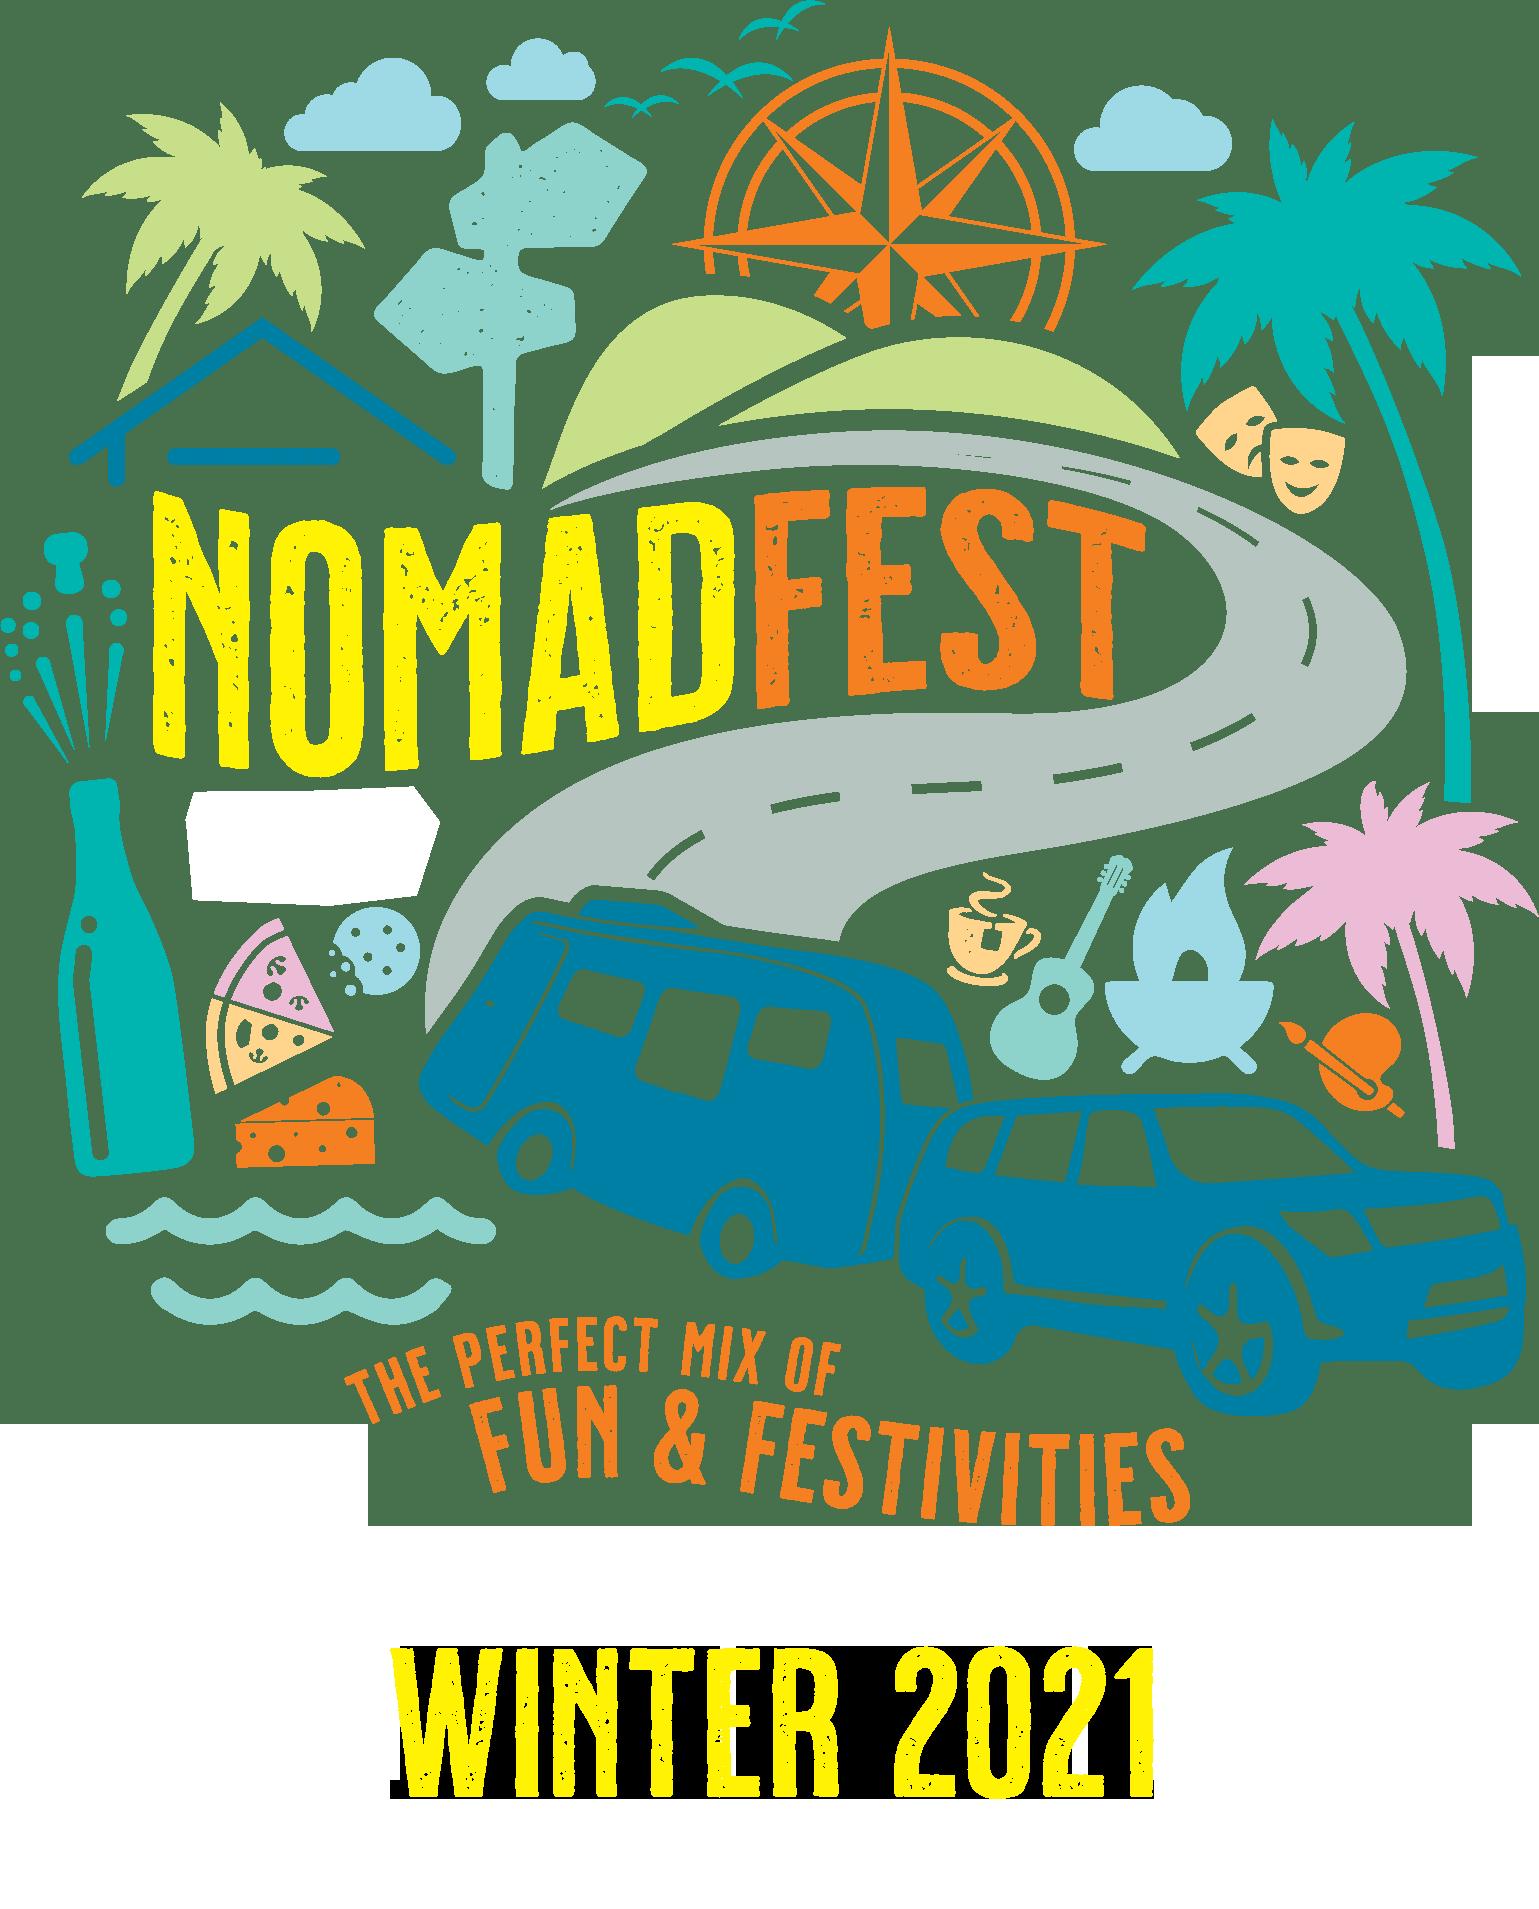 LAT25 NOMADFEST PAGE HERO LOGO WINTER2021 - NomadFest